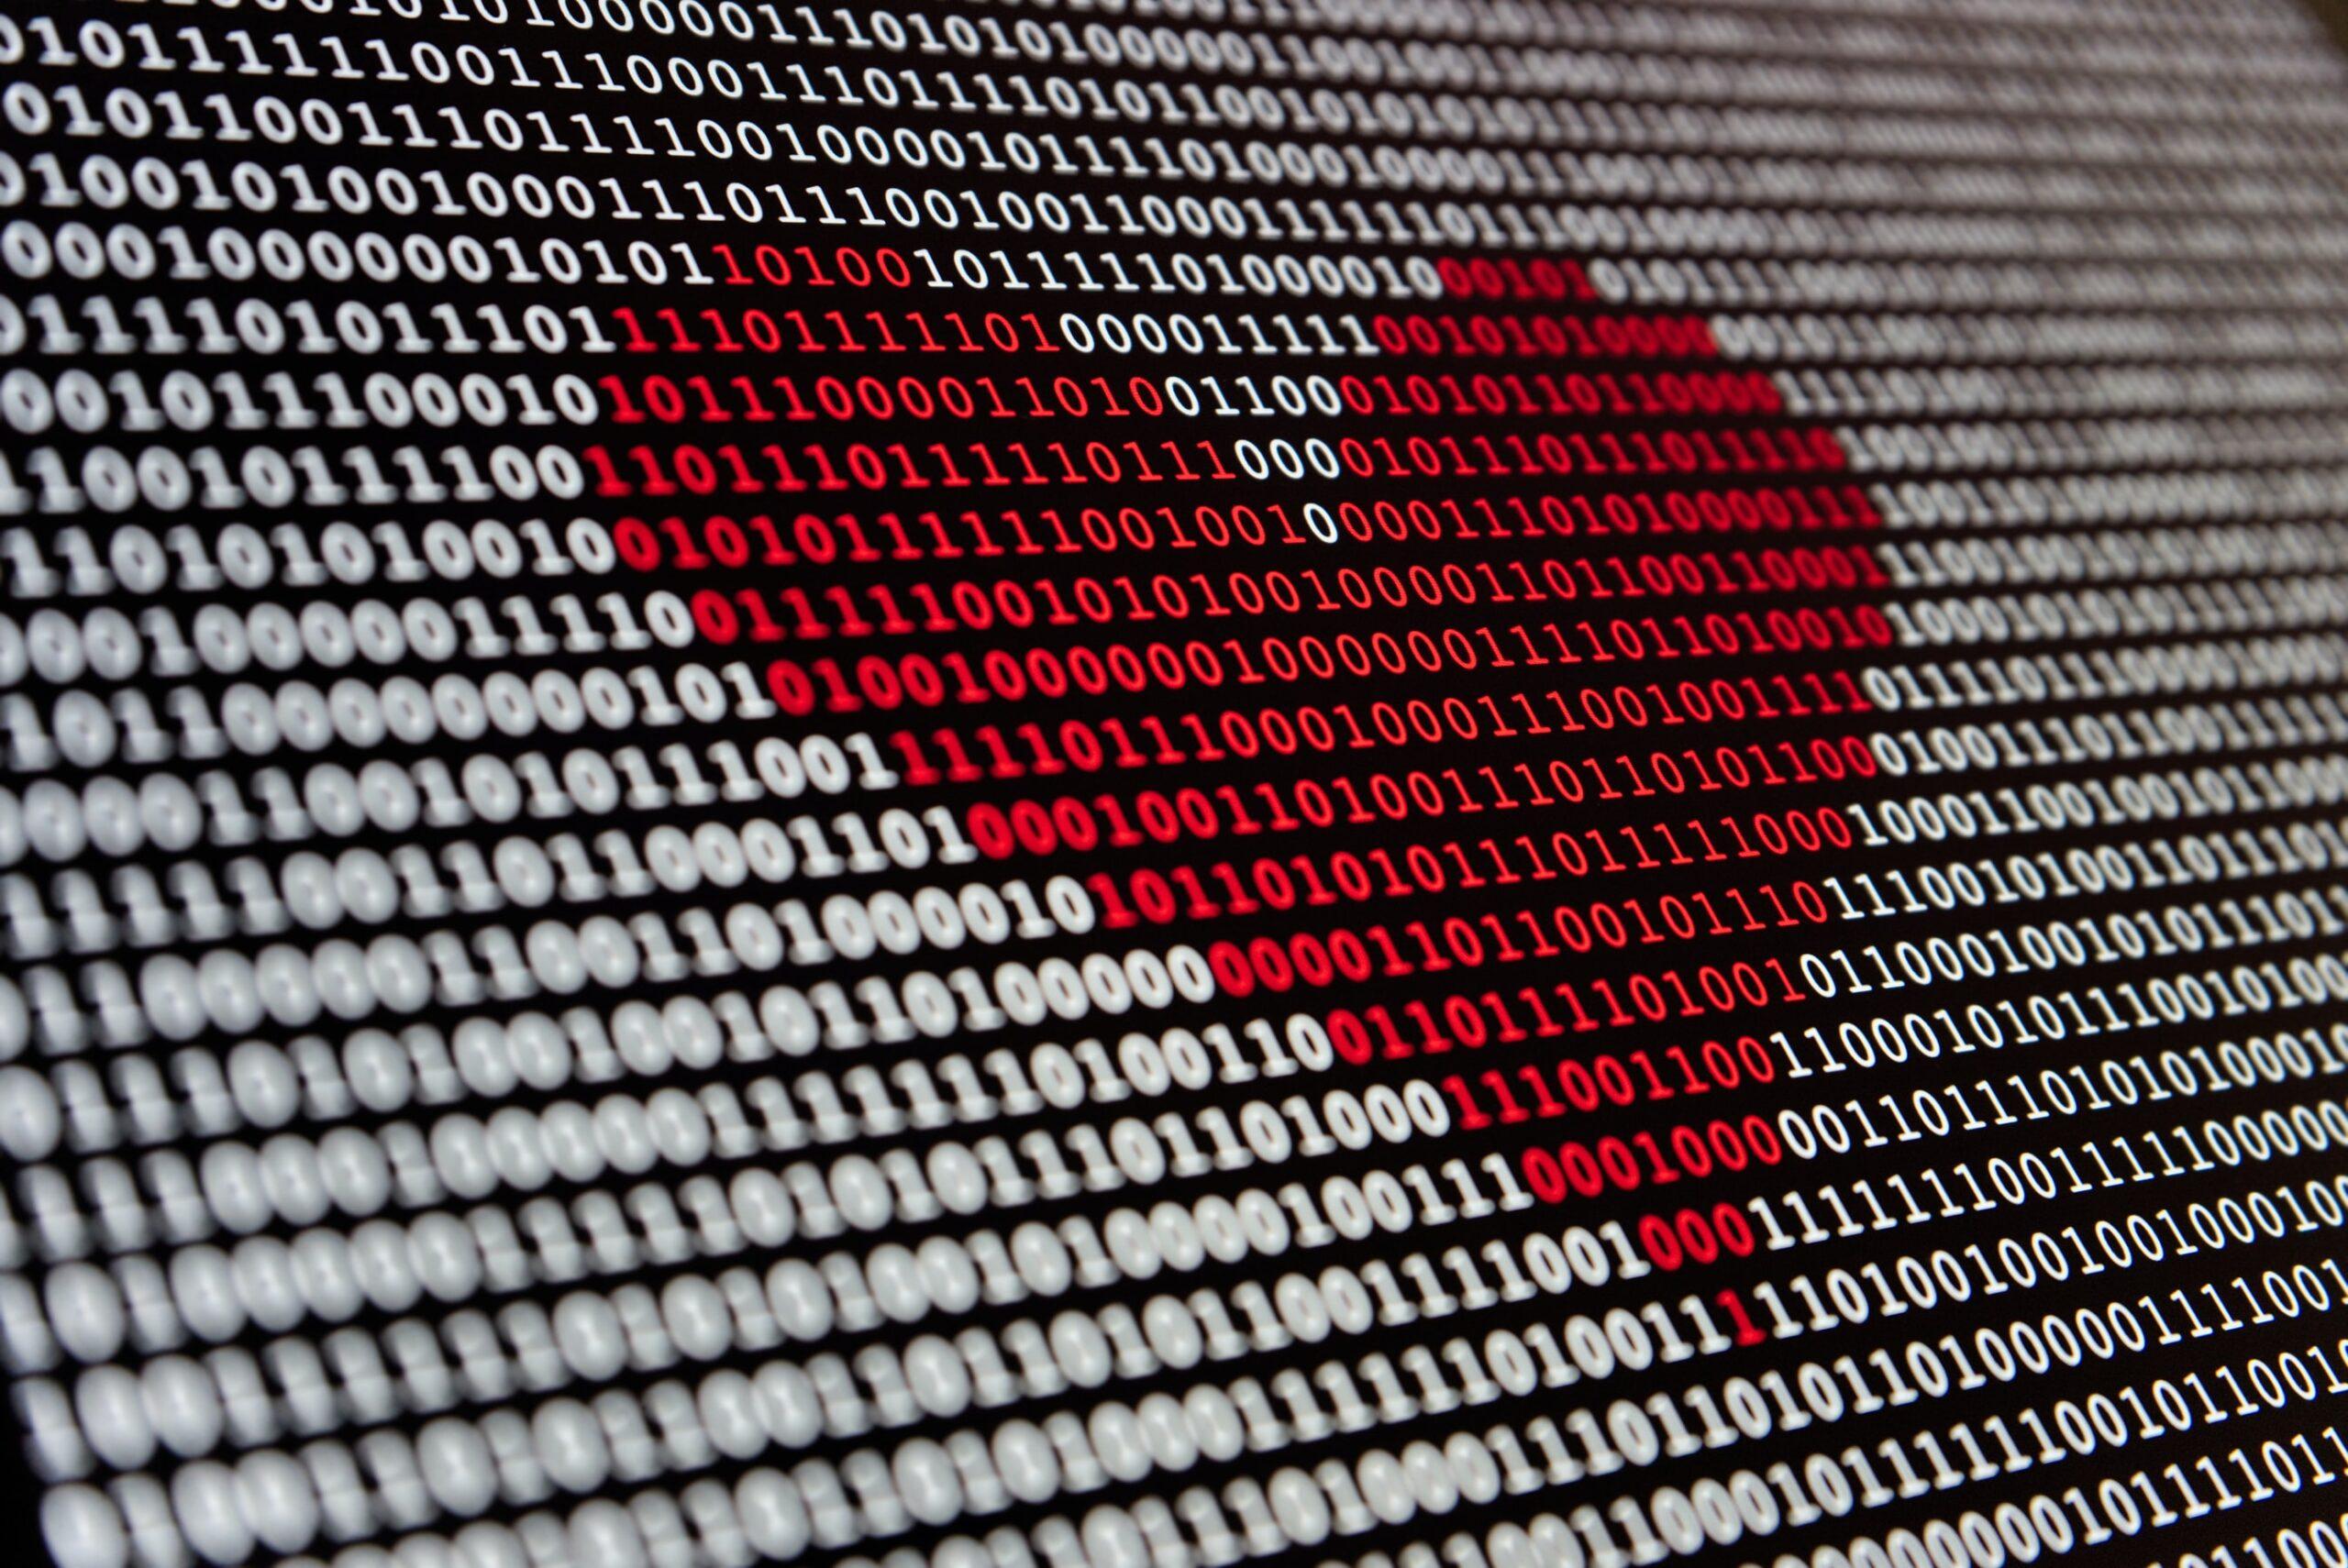 La gestione e la monetizzazione dei propri dati personali grazie all'uso della Blockchain e degli Smart contract